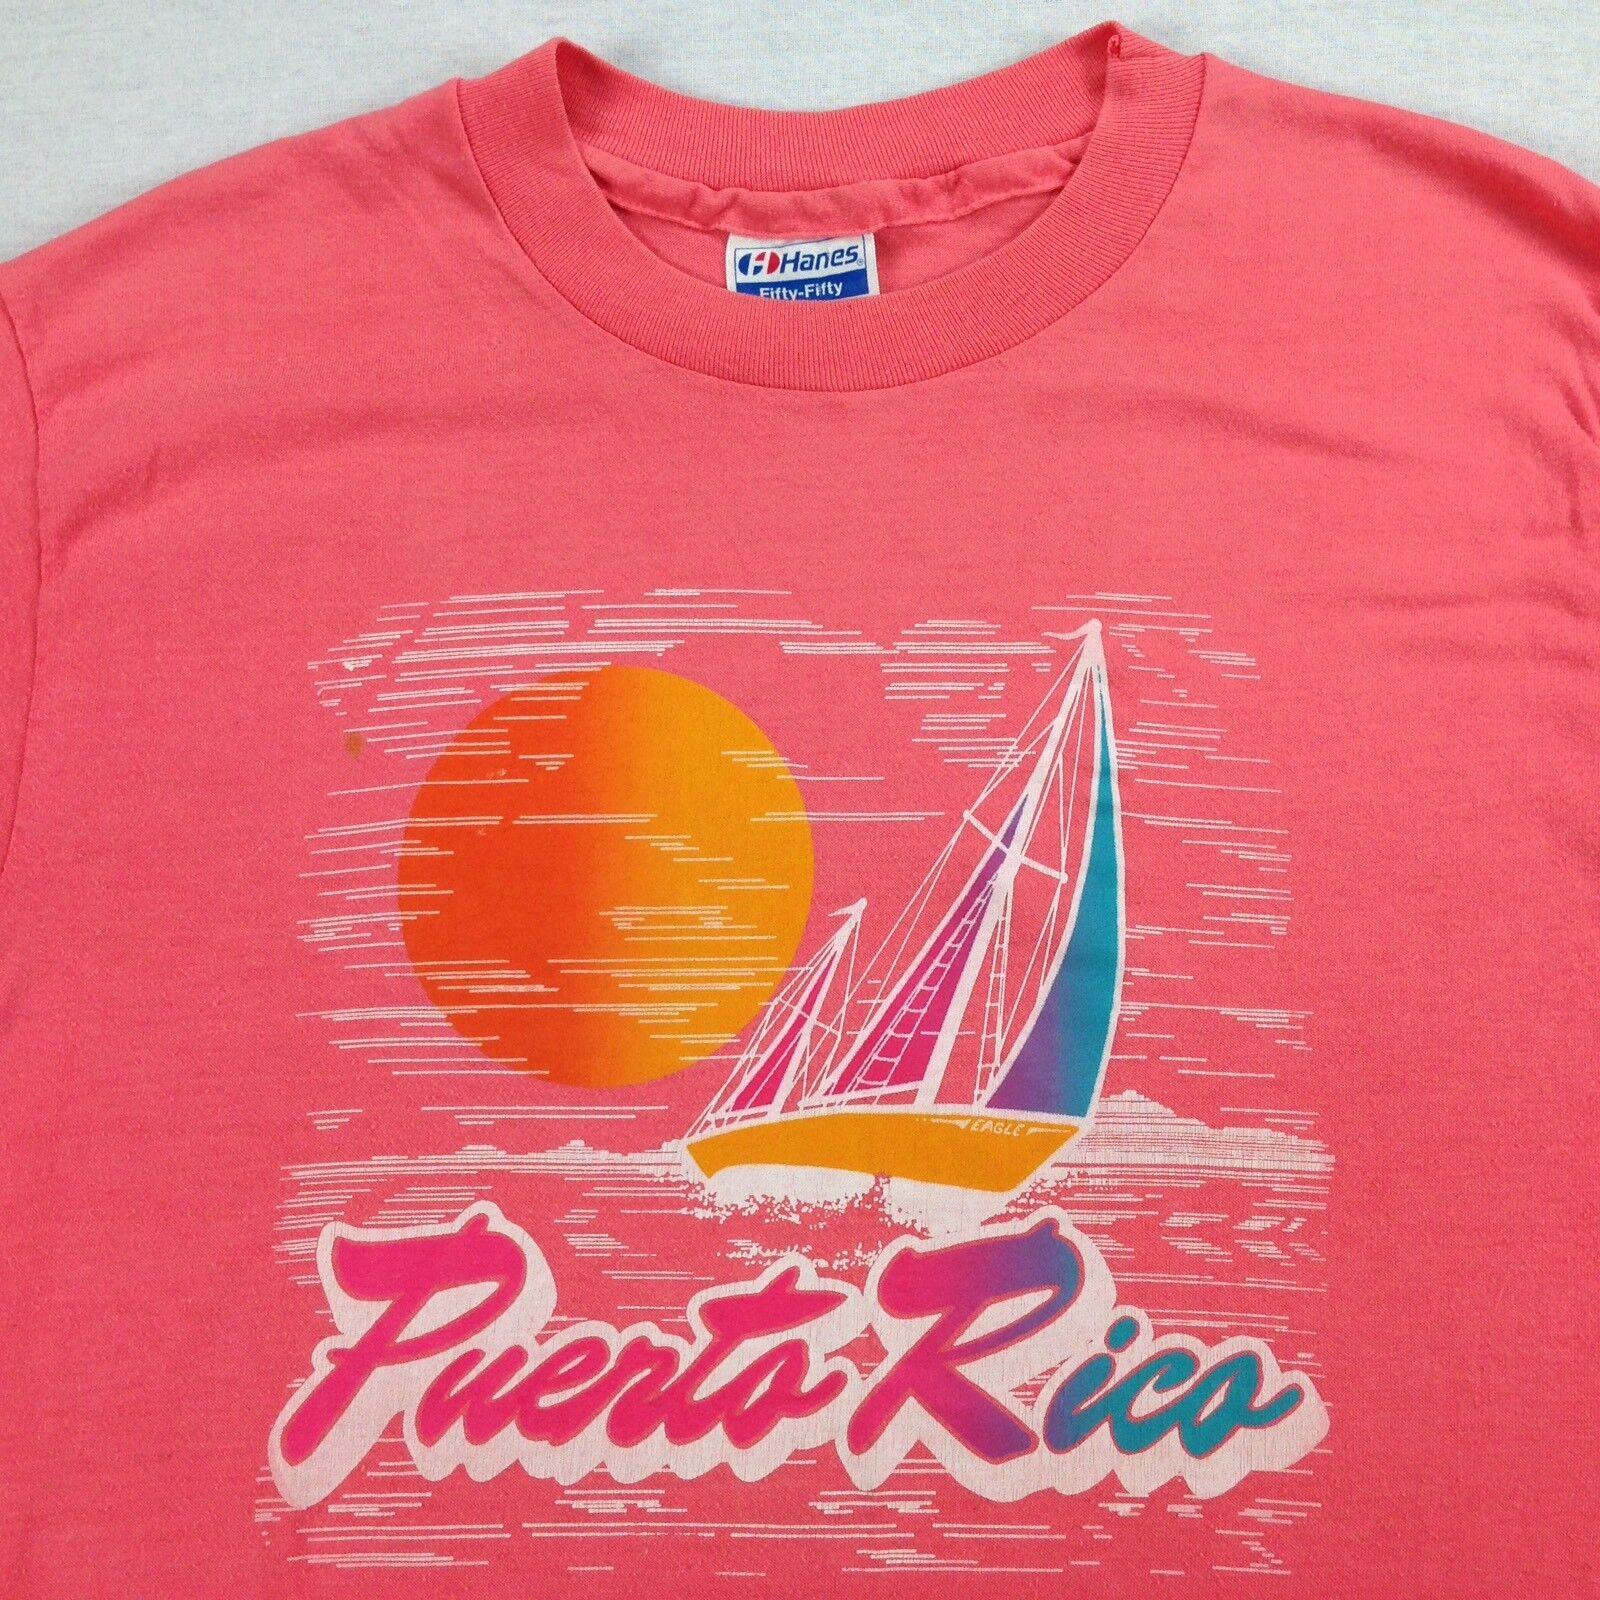 VTG 80s Hanes Paper Thin T-Shirt Tee LARGE USA Made Puerto Rico Sail Boat Surf